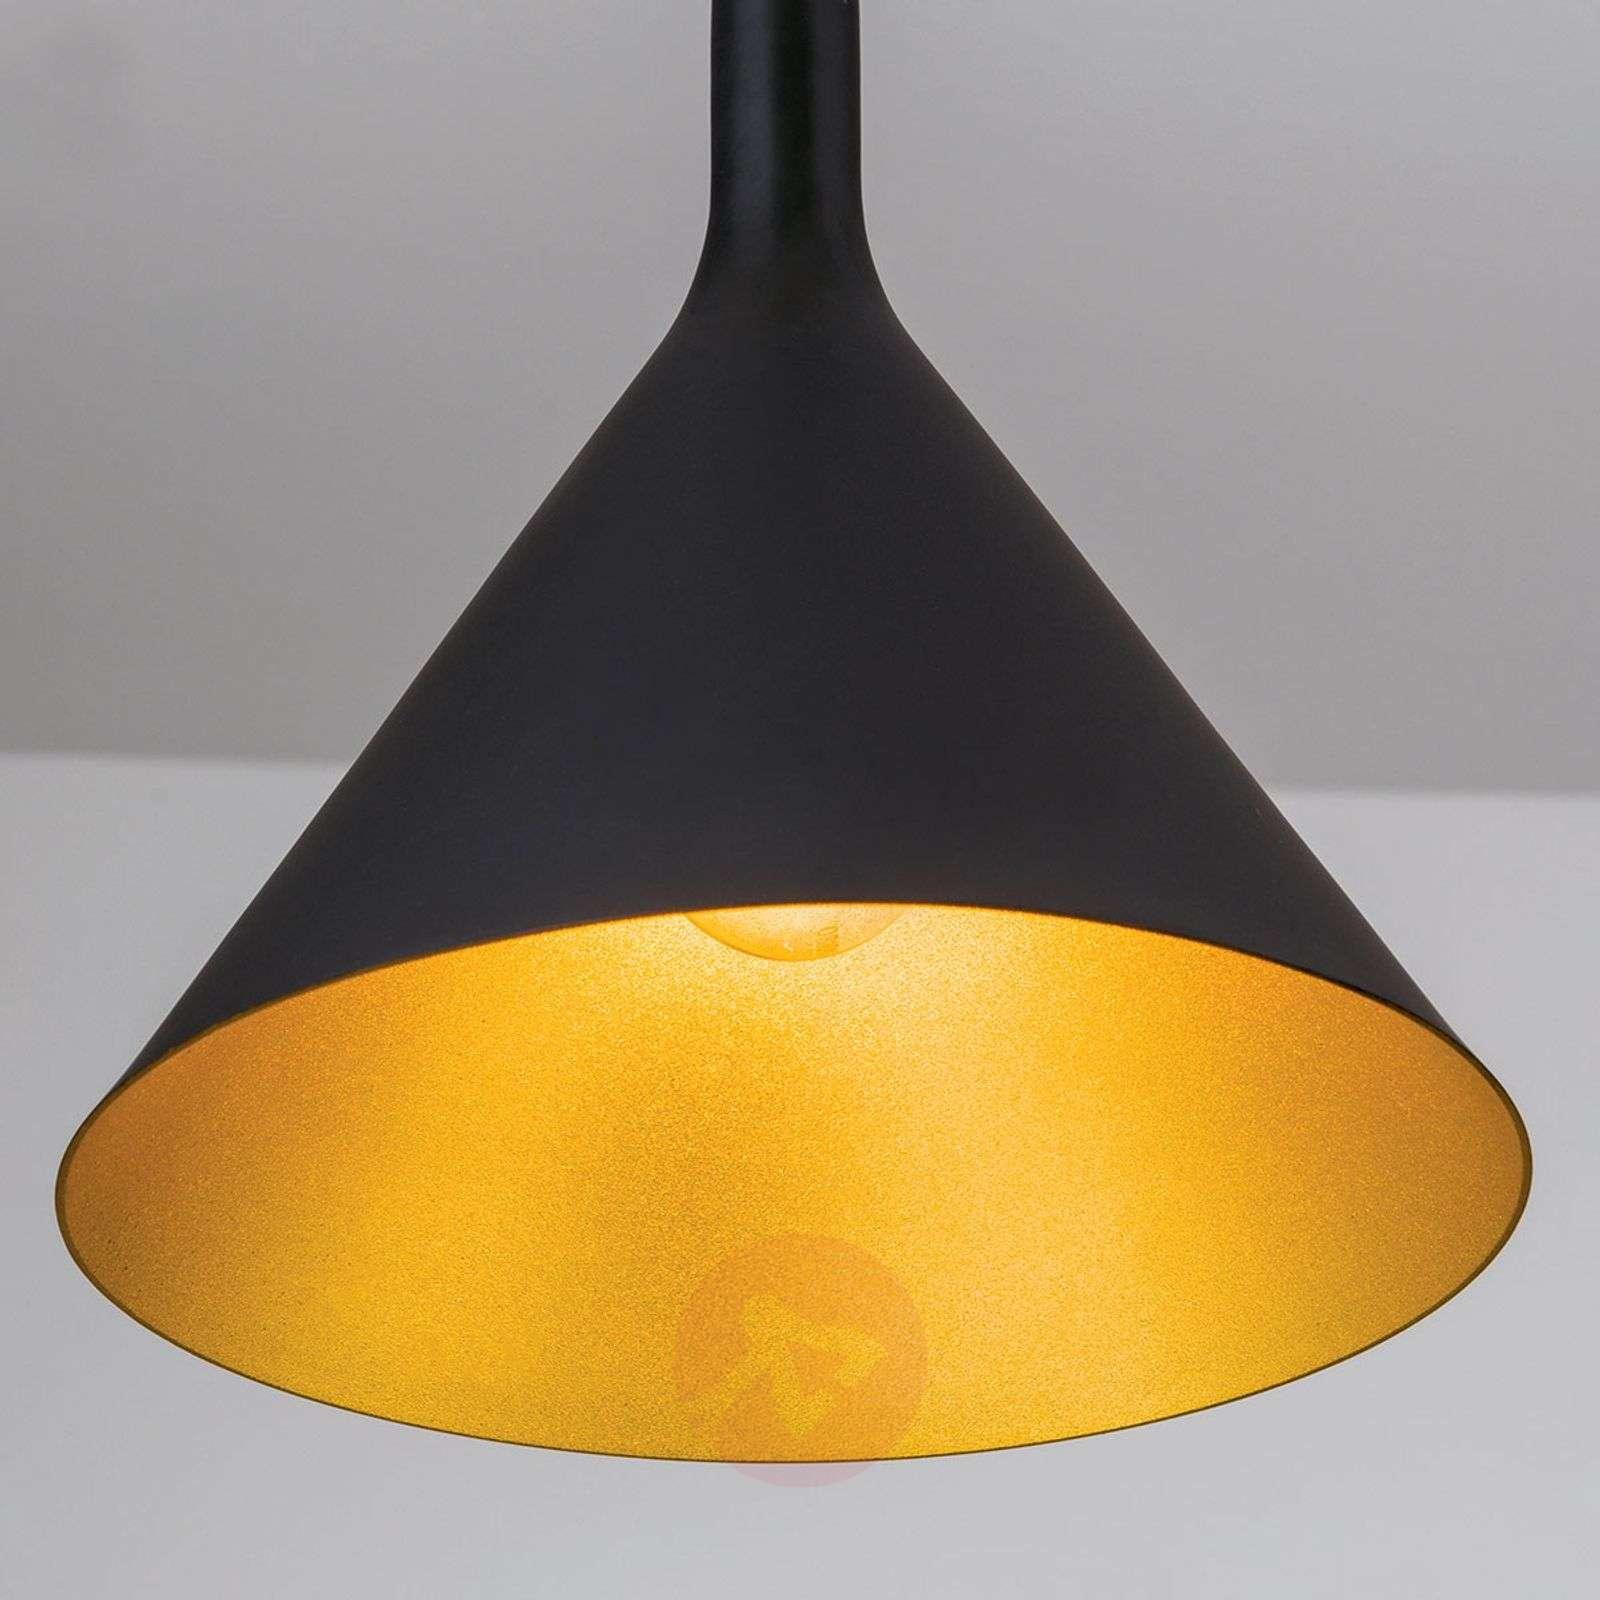 Black outside, gold inside pendant light Gunda-7255355-01